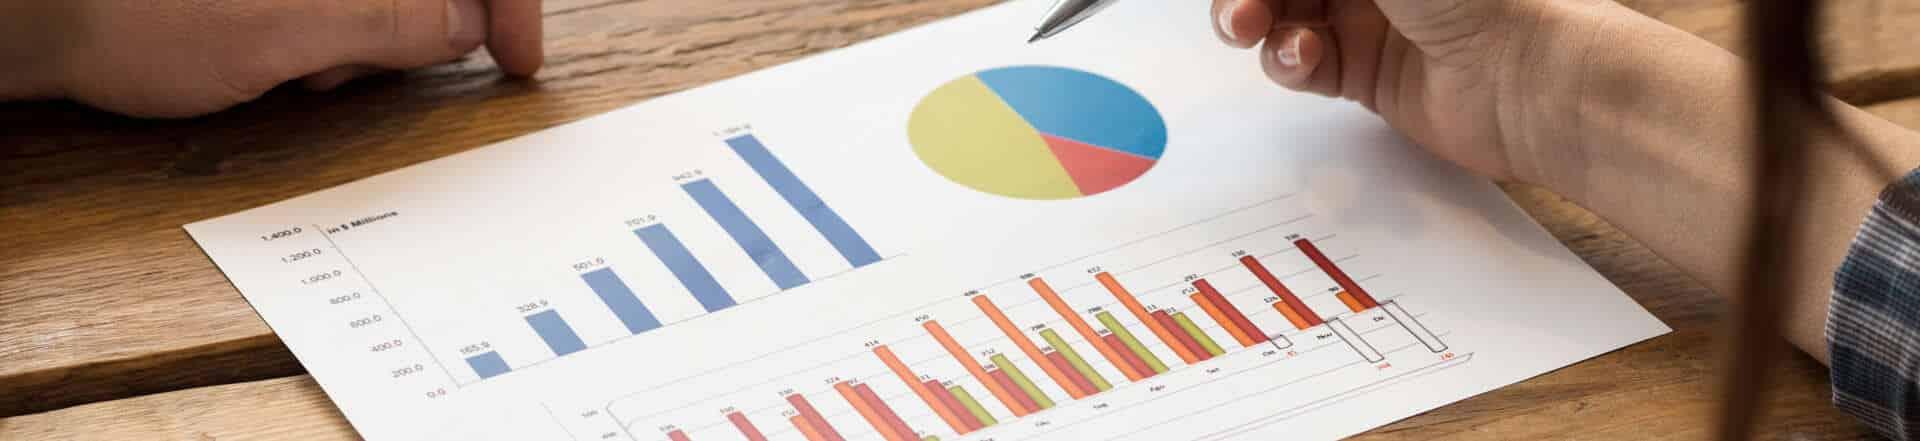 ניהול מועדון לקוחות סטטיסטיקה